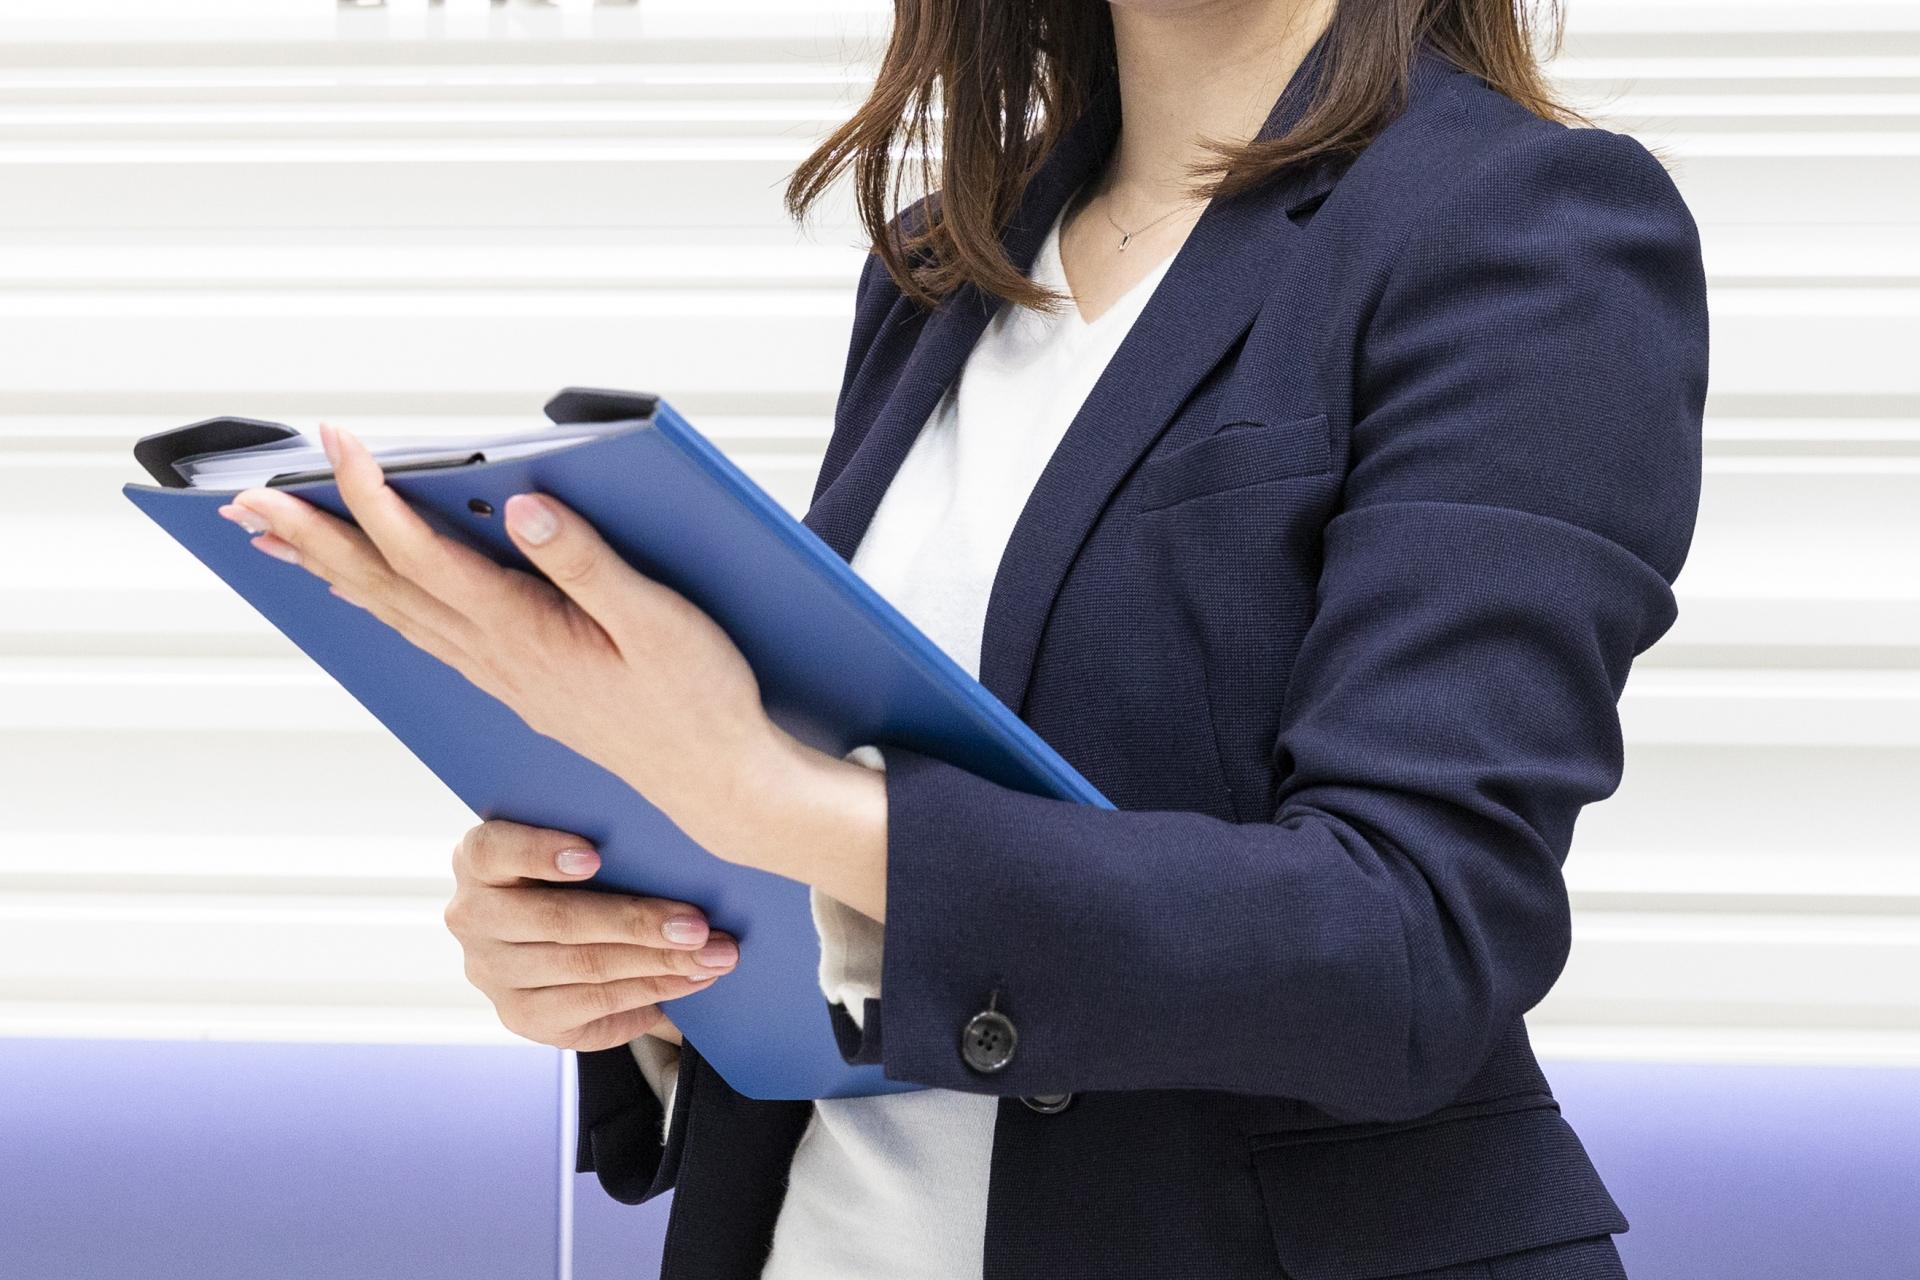 キャリアコンサルタントの難易度や国家資格の合格率は?費用や年収もチェック!